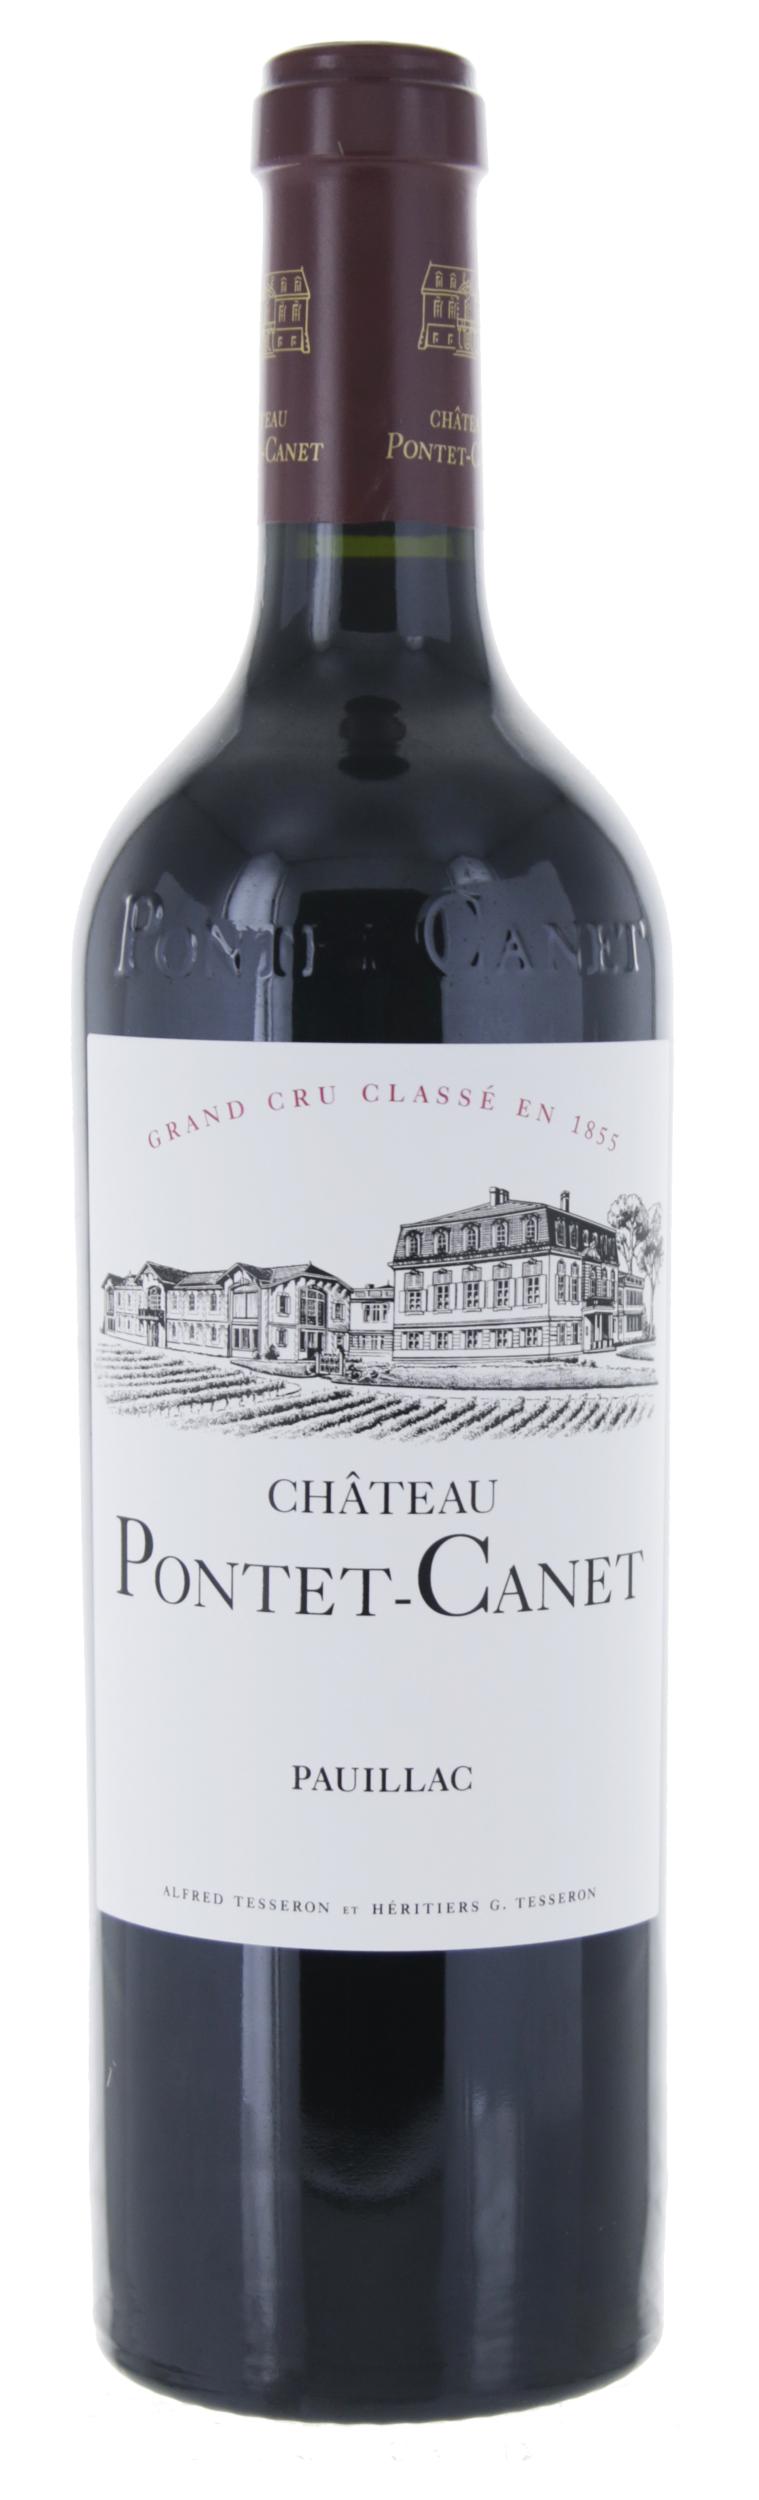 Pauillac - Château Pontet Canet - 2014